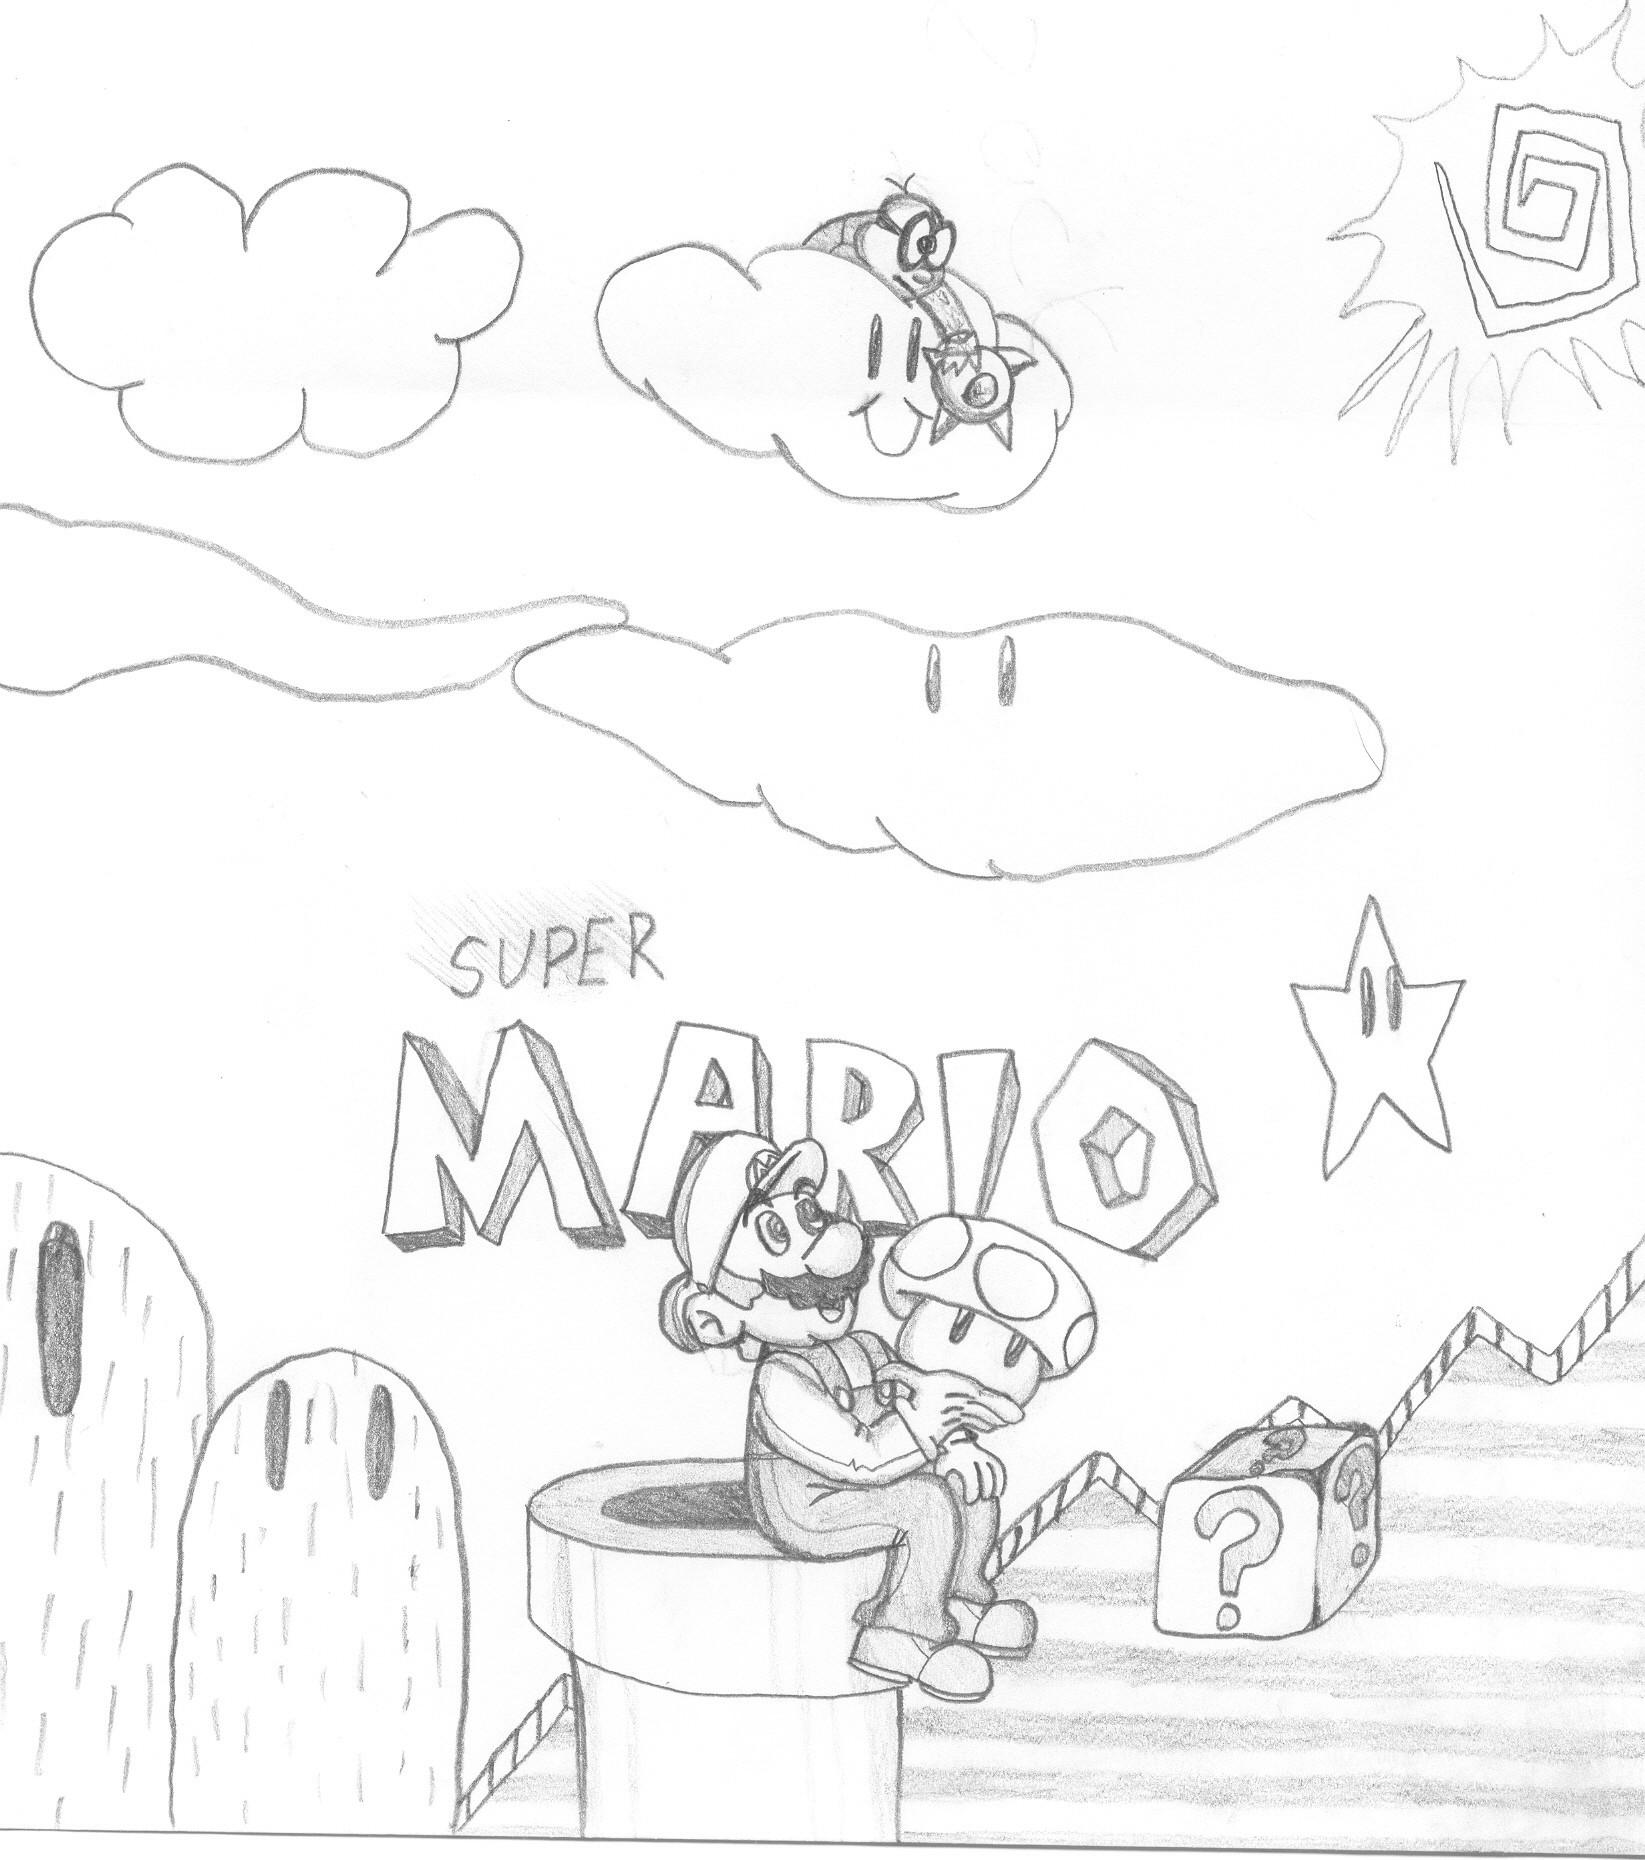 Super Mario (VERY OLD)